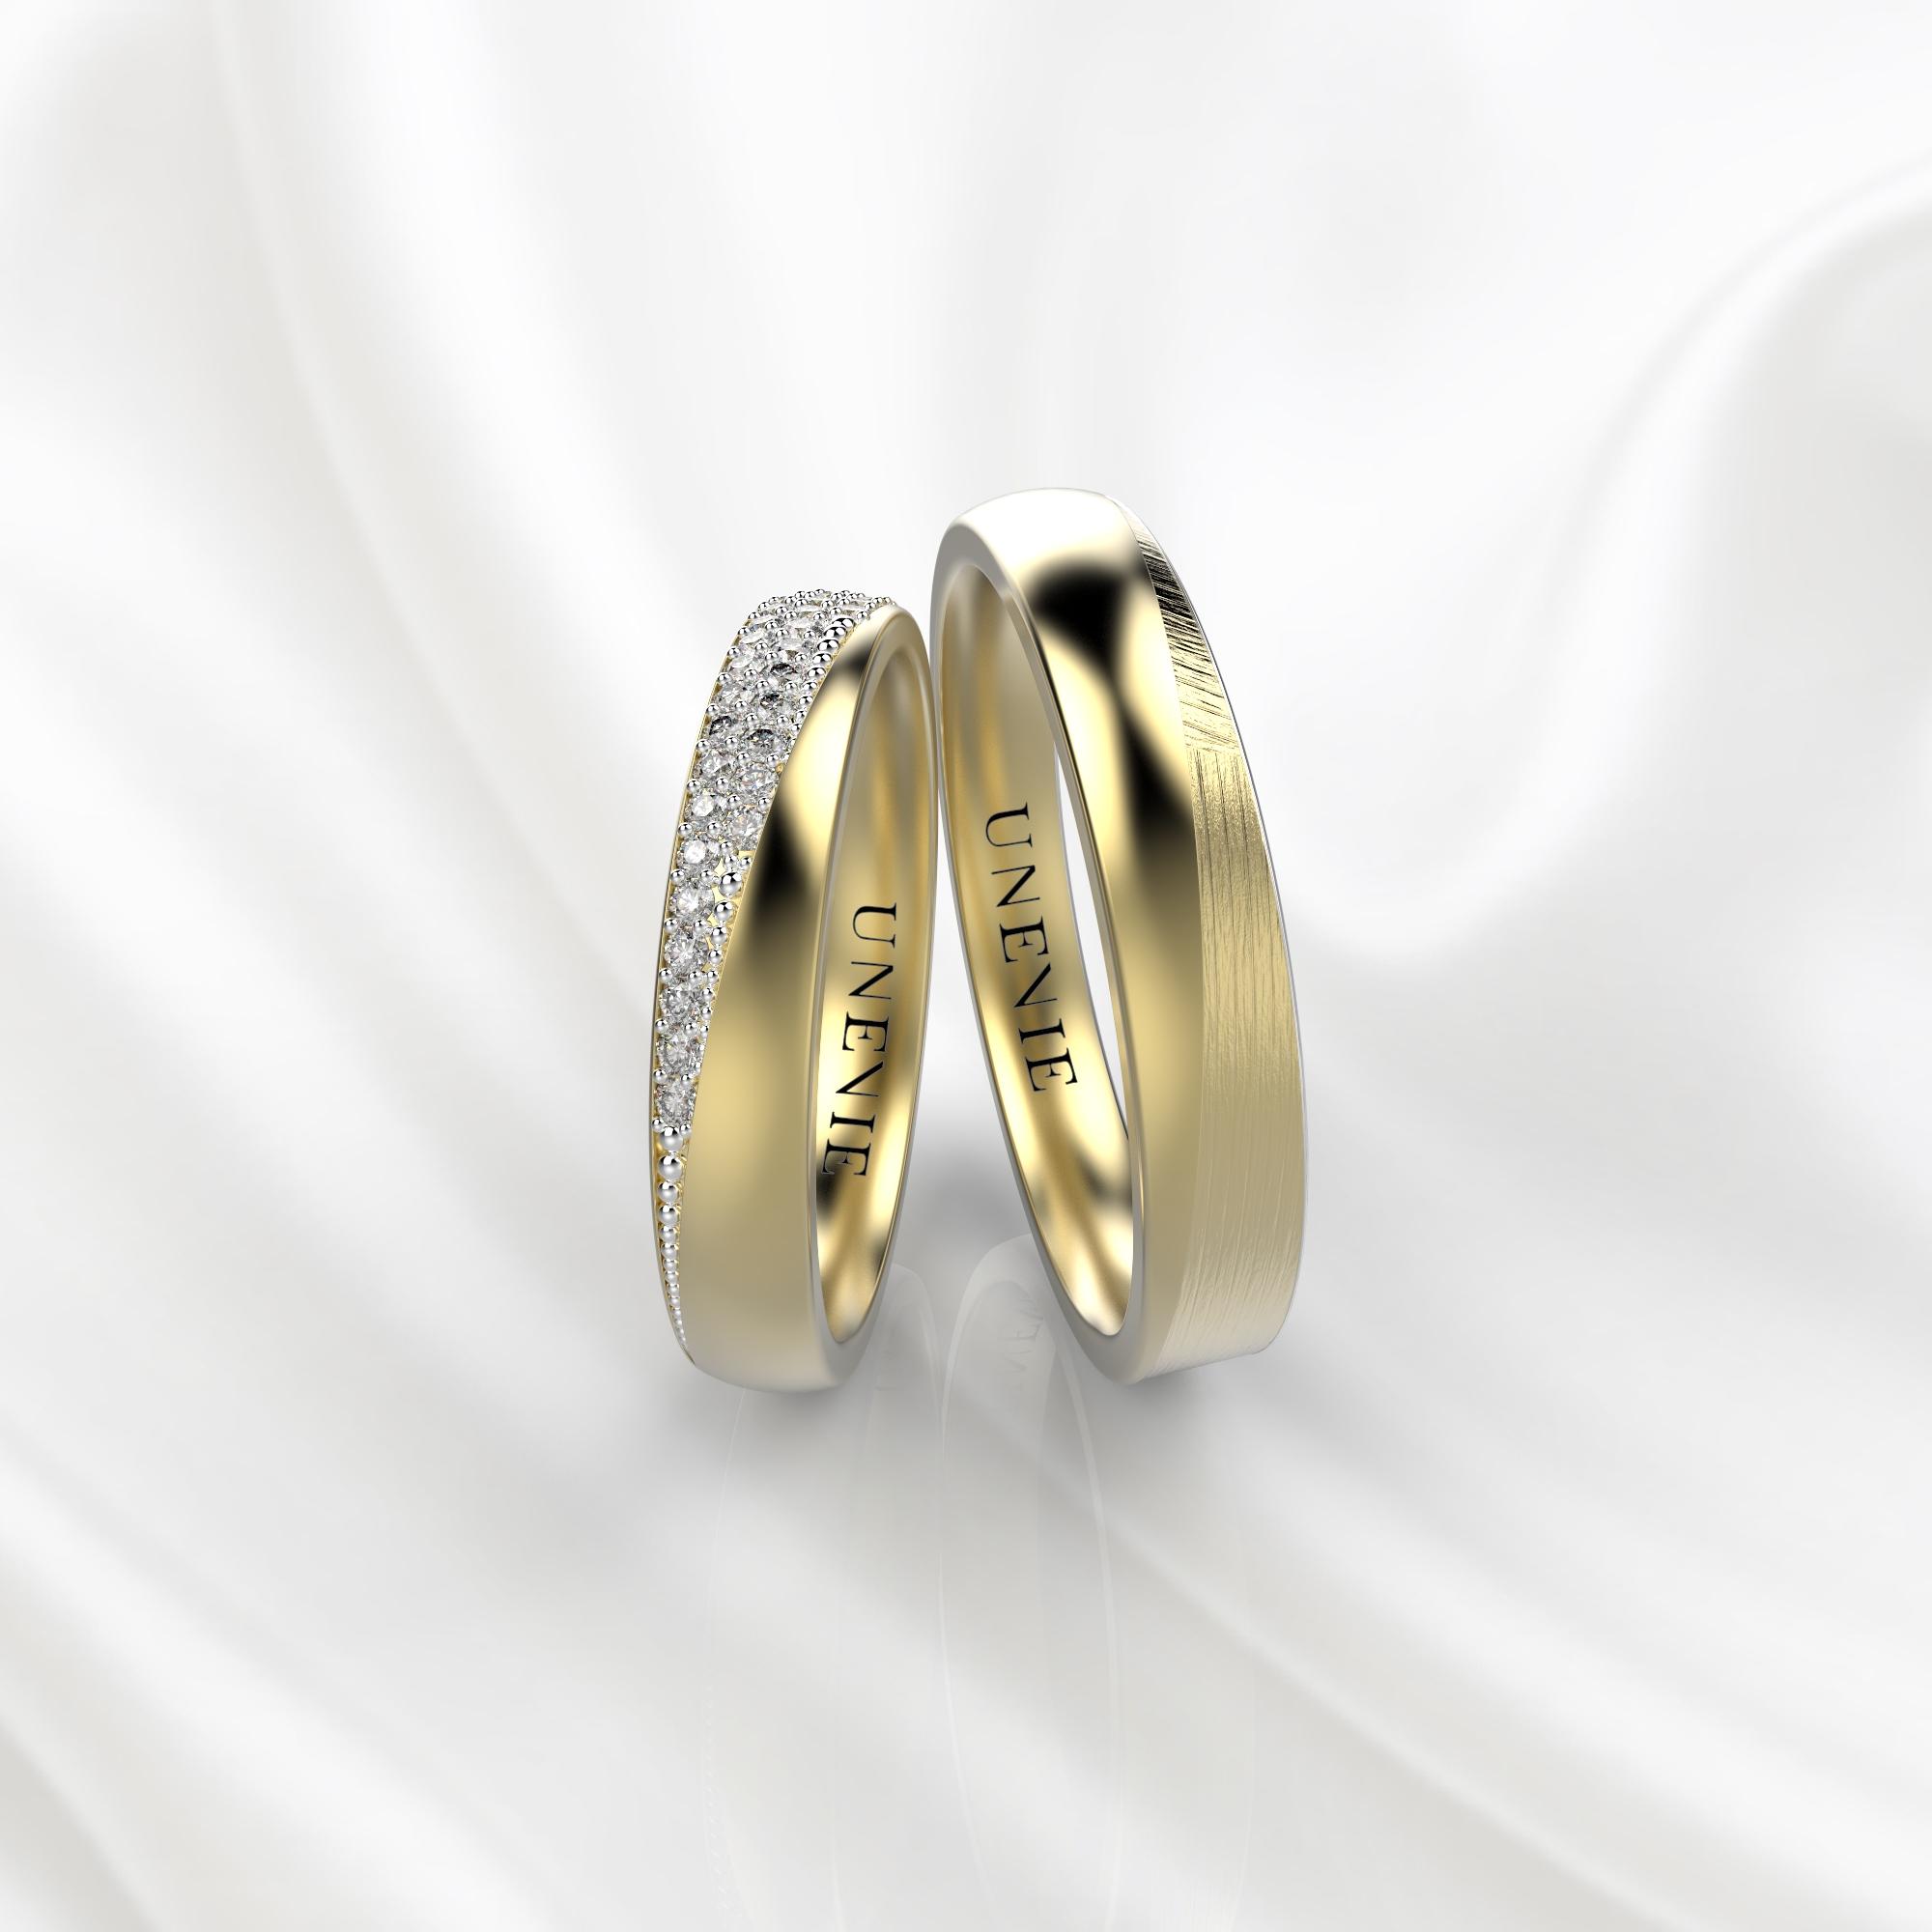 NV32 Обручальные кольца из желтого золота с бриллиантами